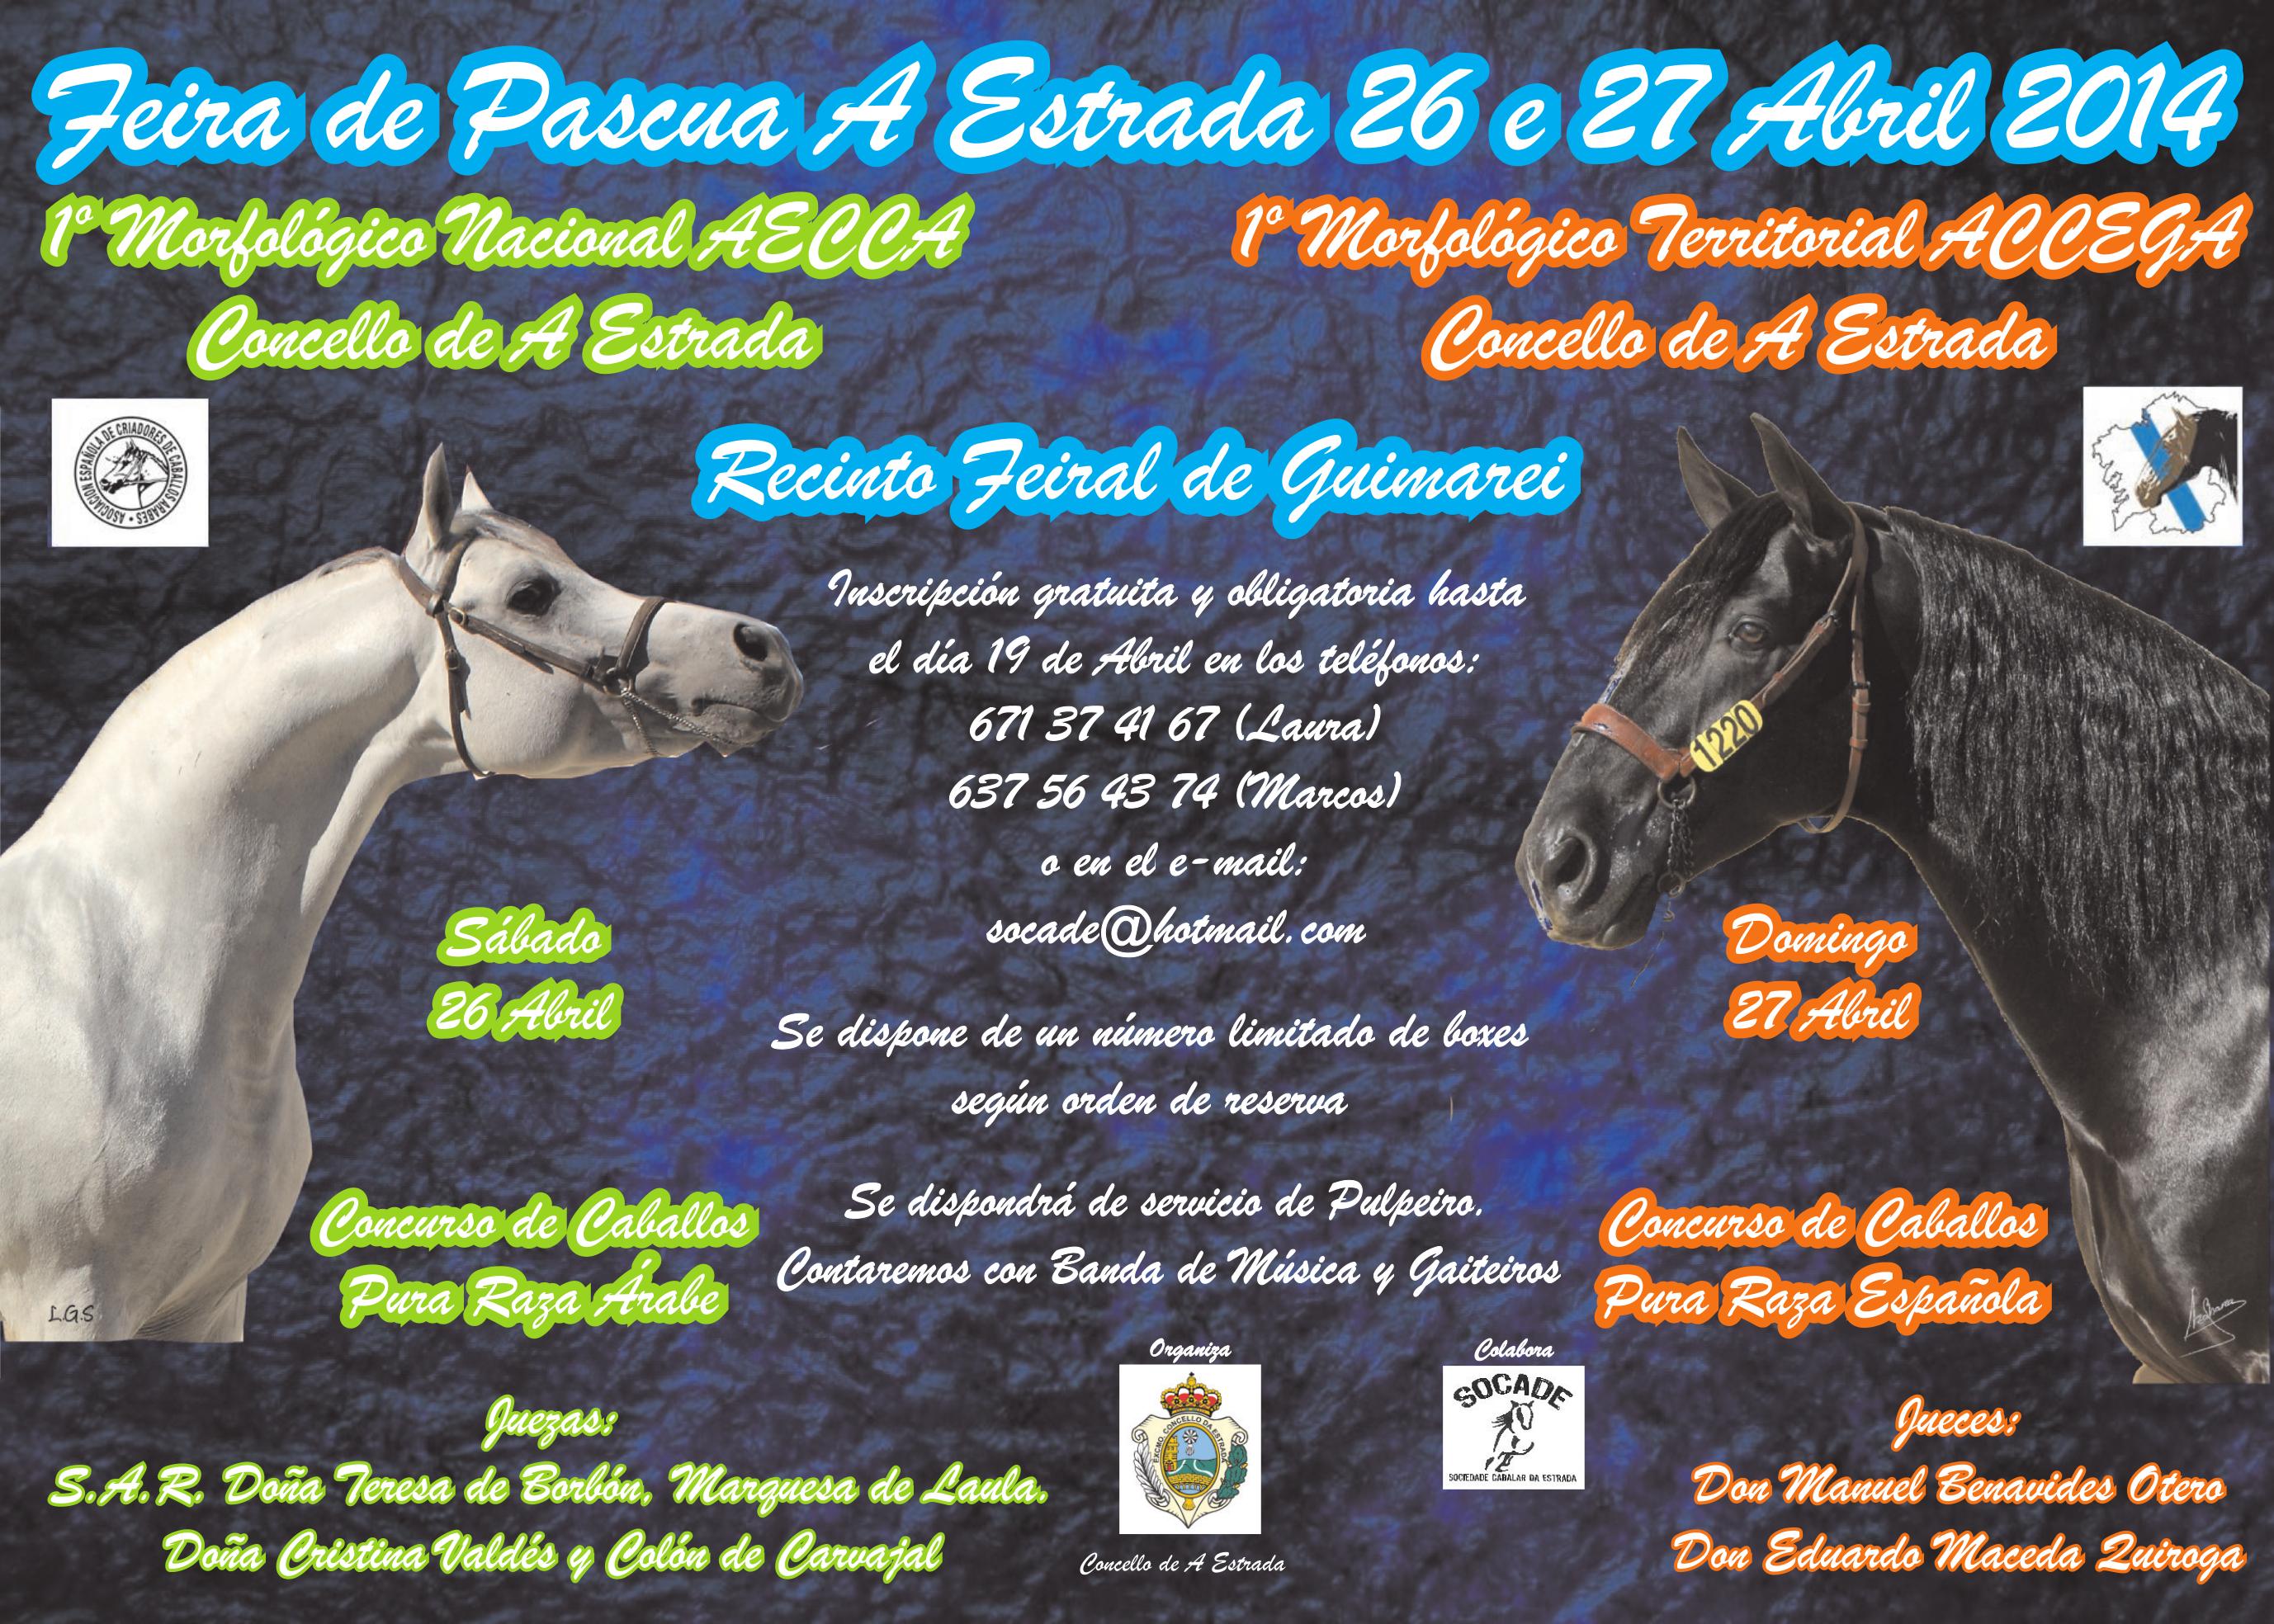 Cartel Feira Pascua 2014 A Estrada